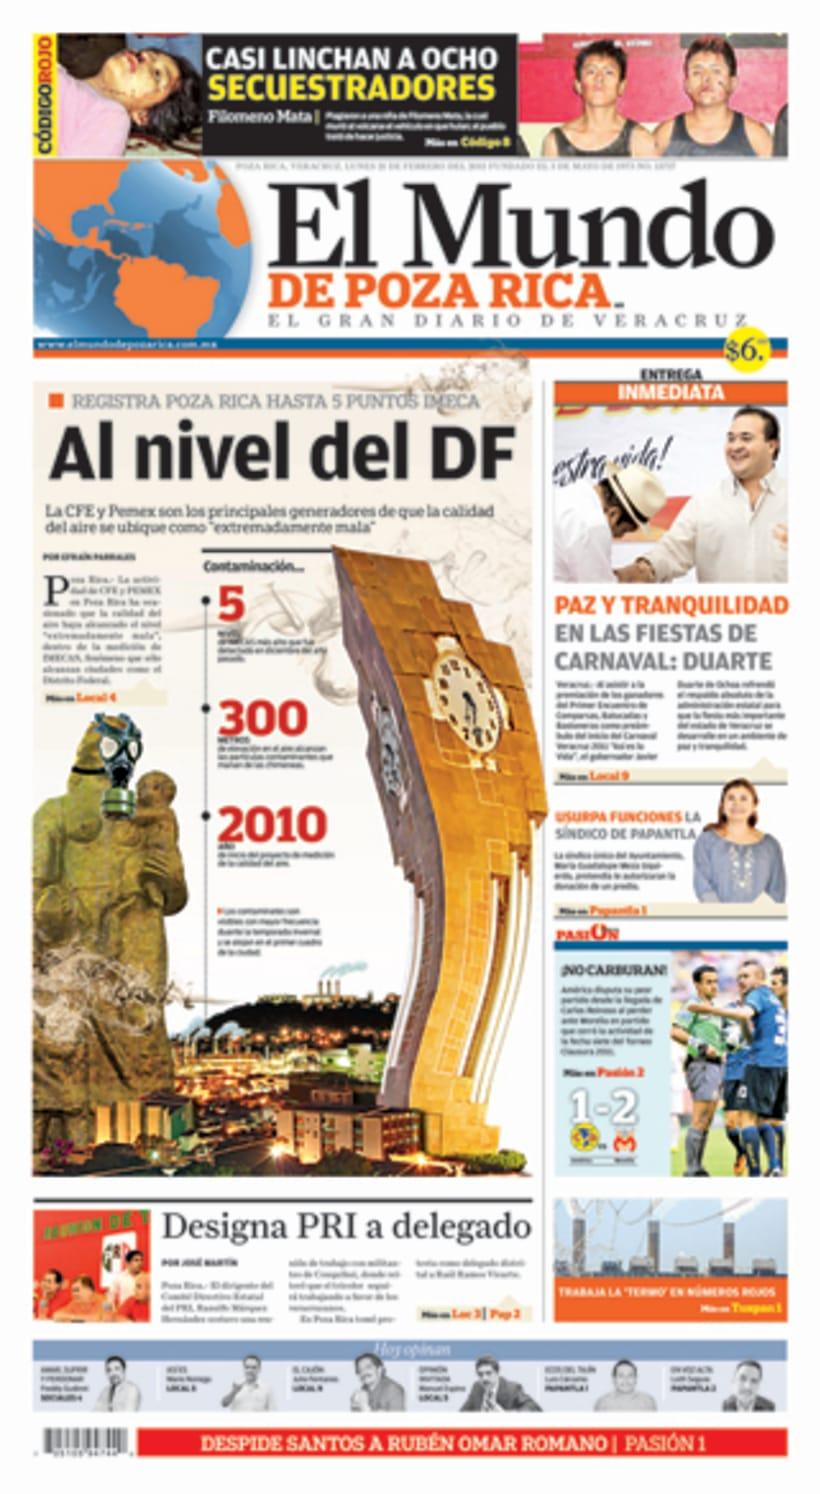 Diseño editorial-ELMUNDO 9